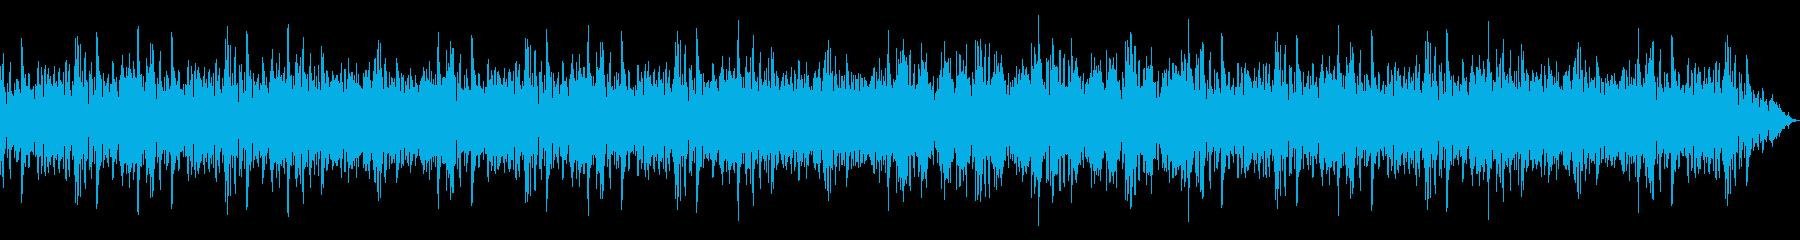 体を調べる Hでハイテク チルアウトの再生済みの波形